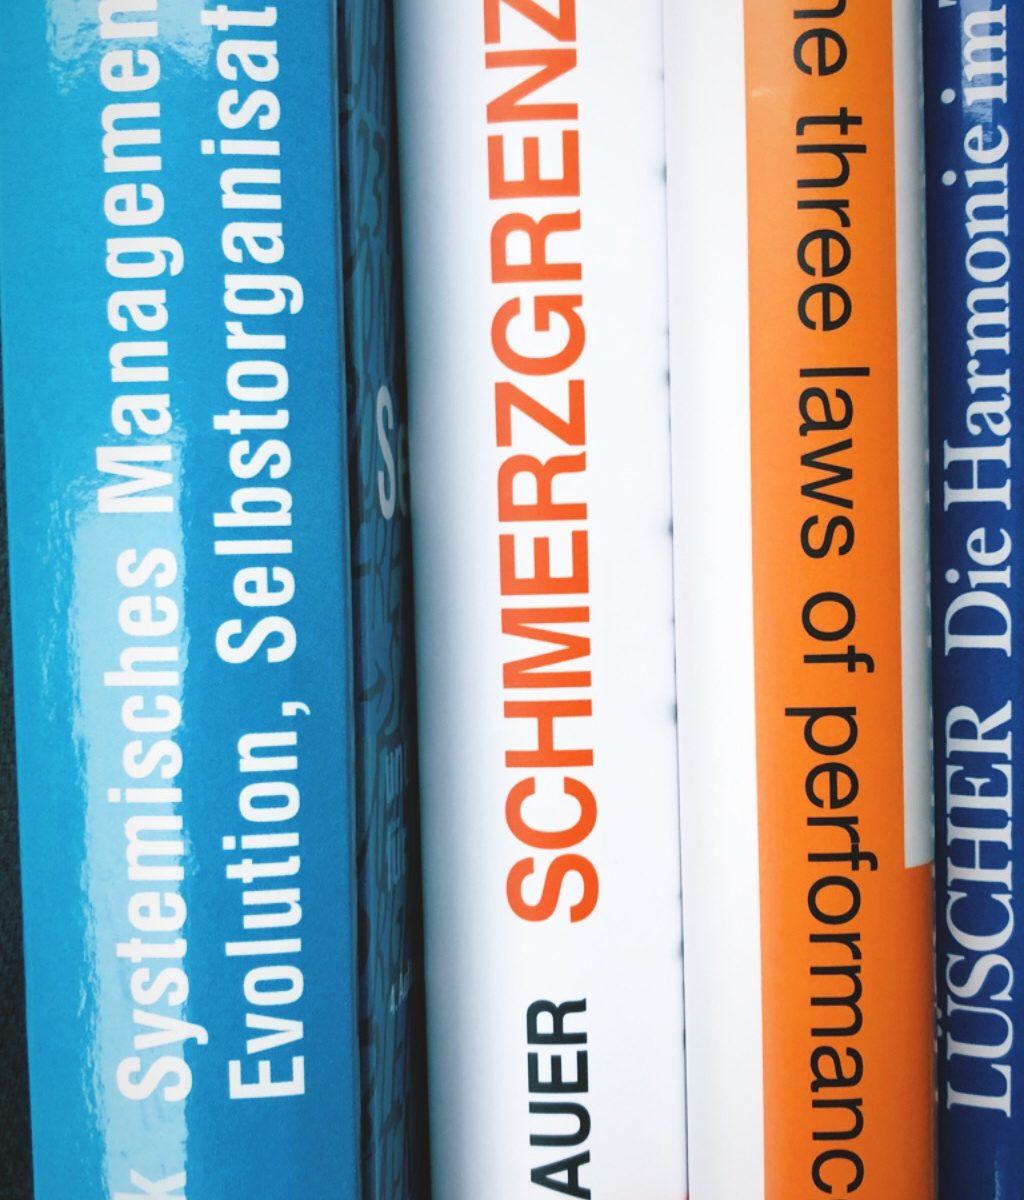 Bücher, Fachliteratur, Sachbücher – Schmerzgrenze